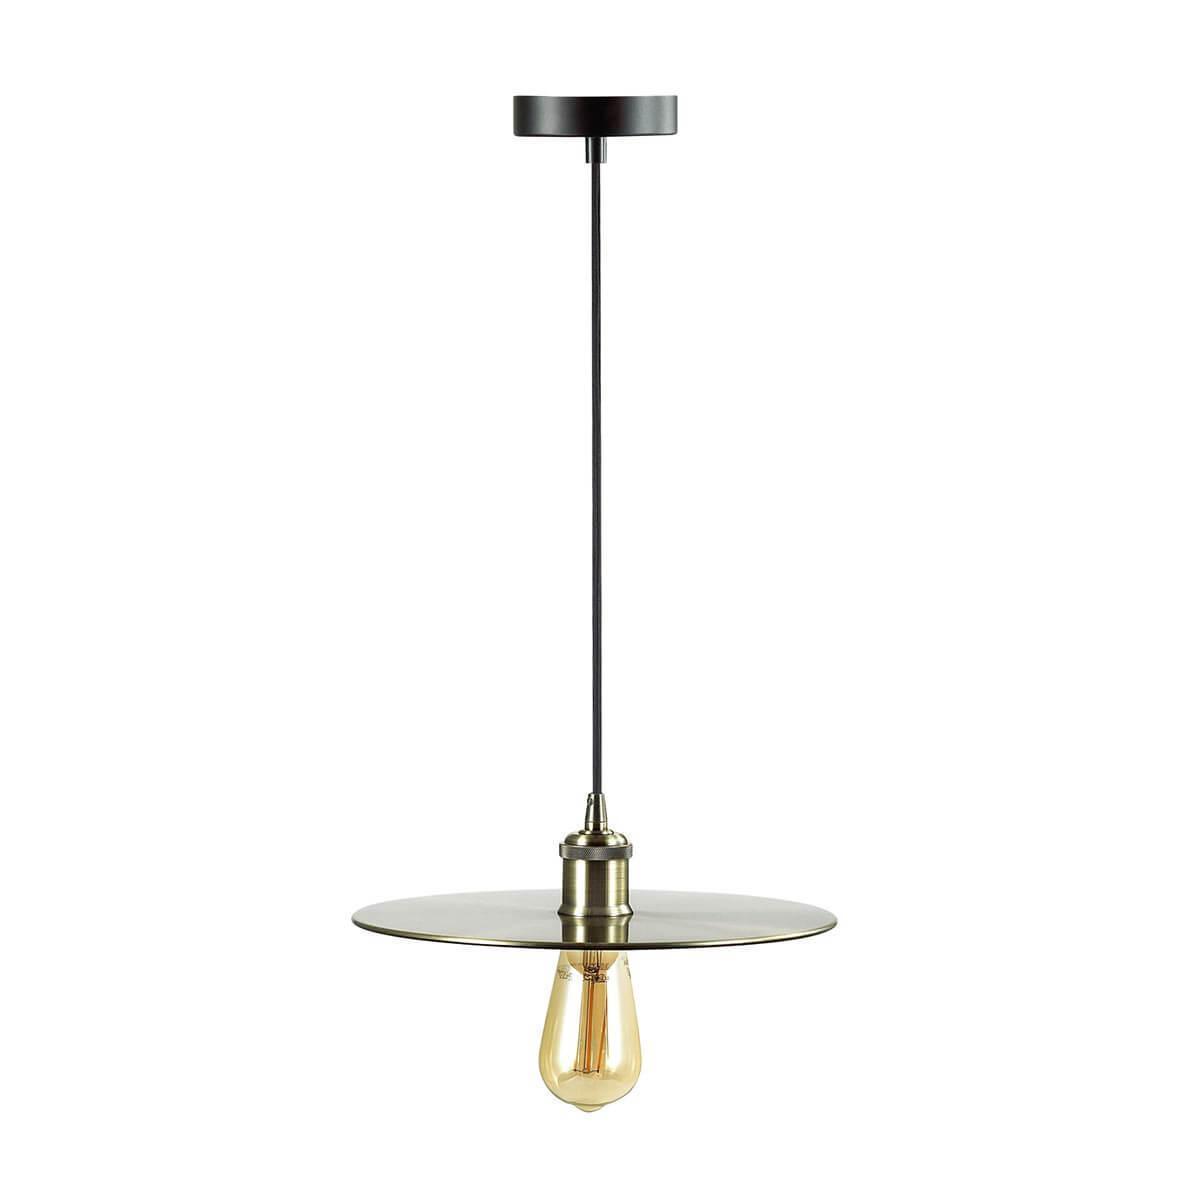 Подвесной светильник Lumion 3725/1, E27, 60 Вт